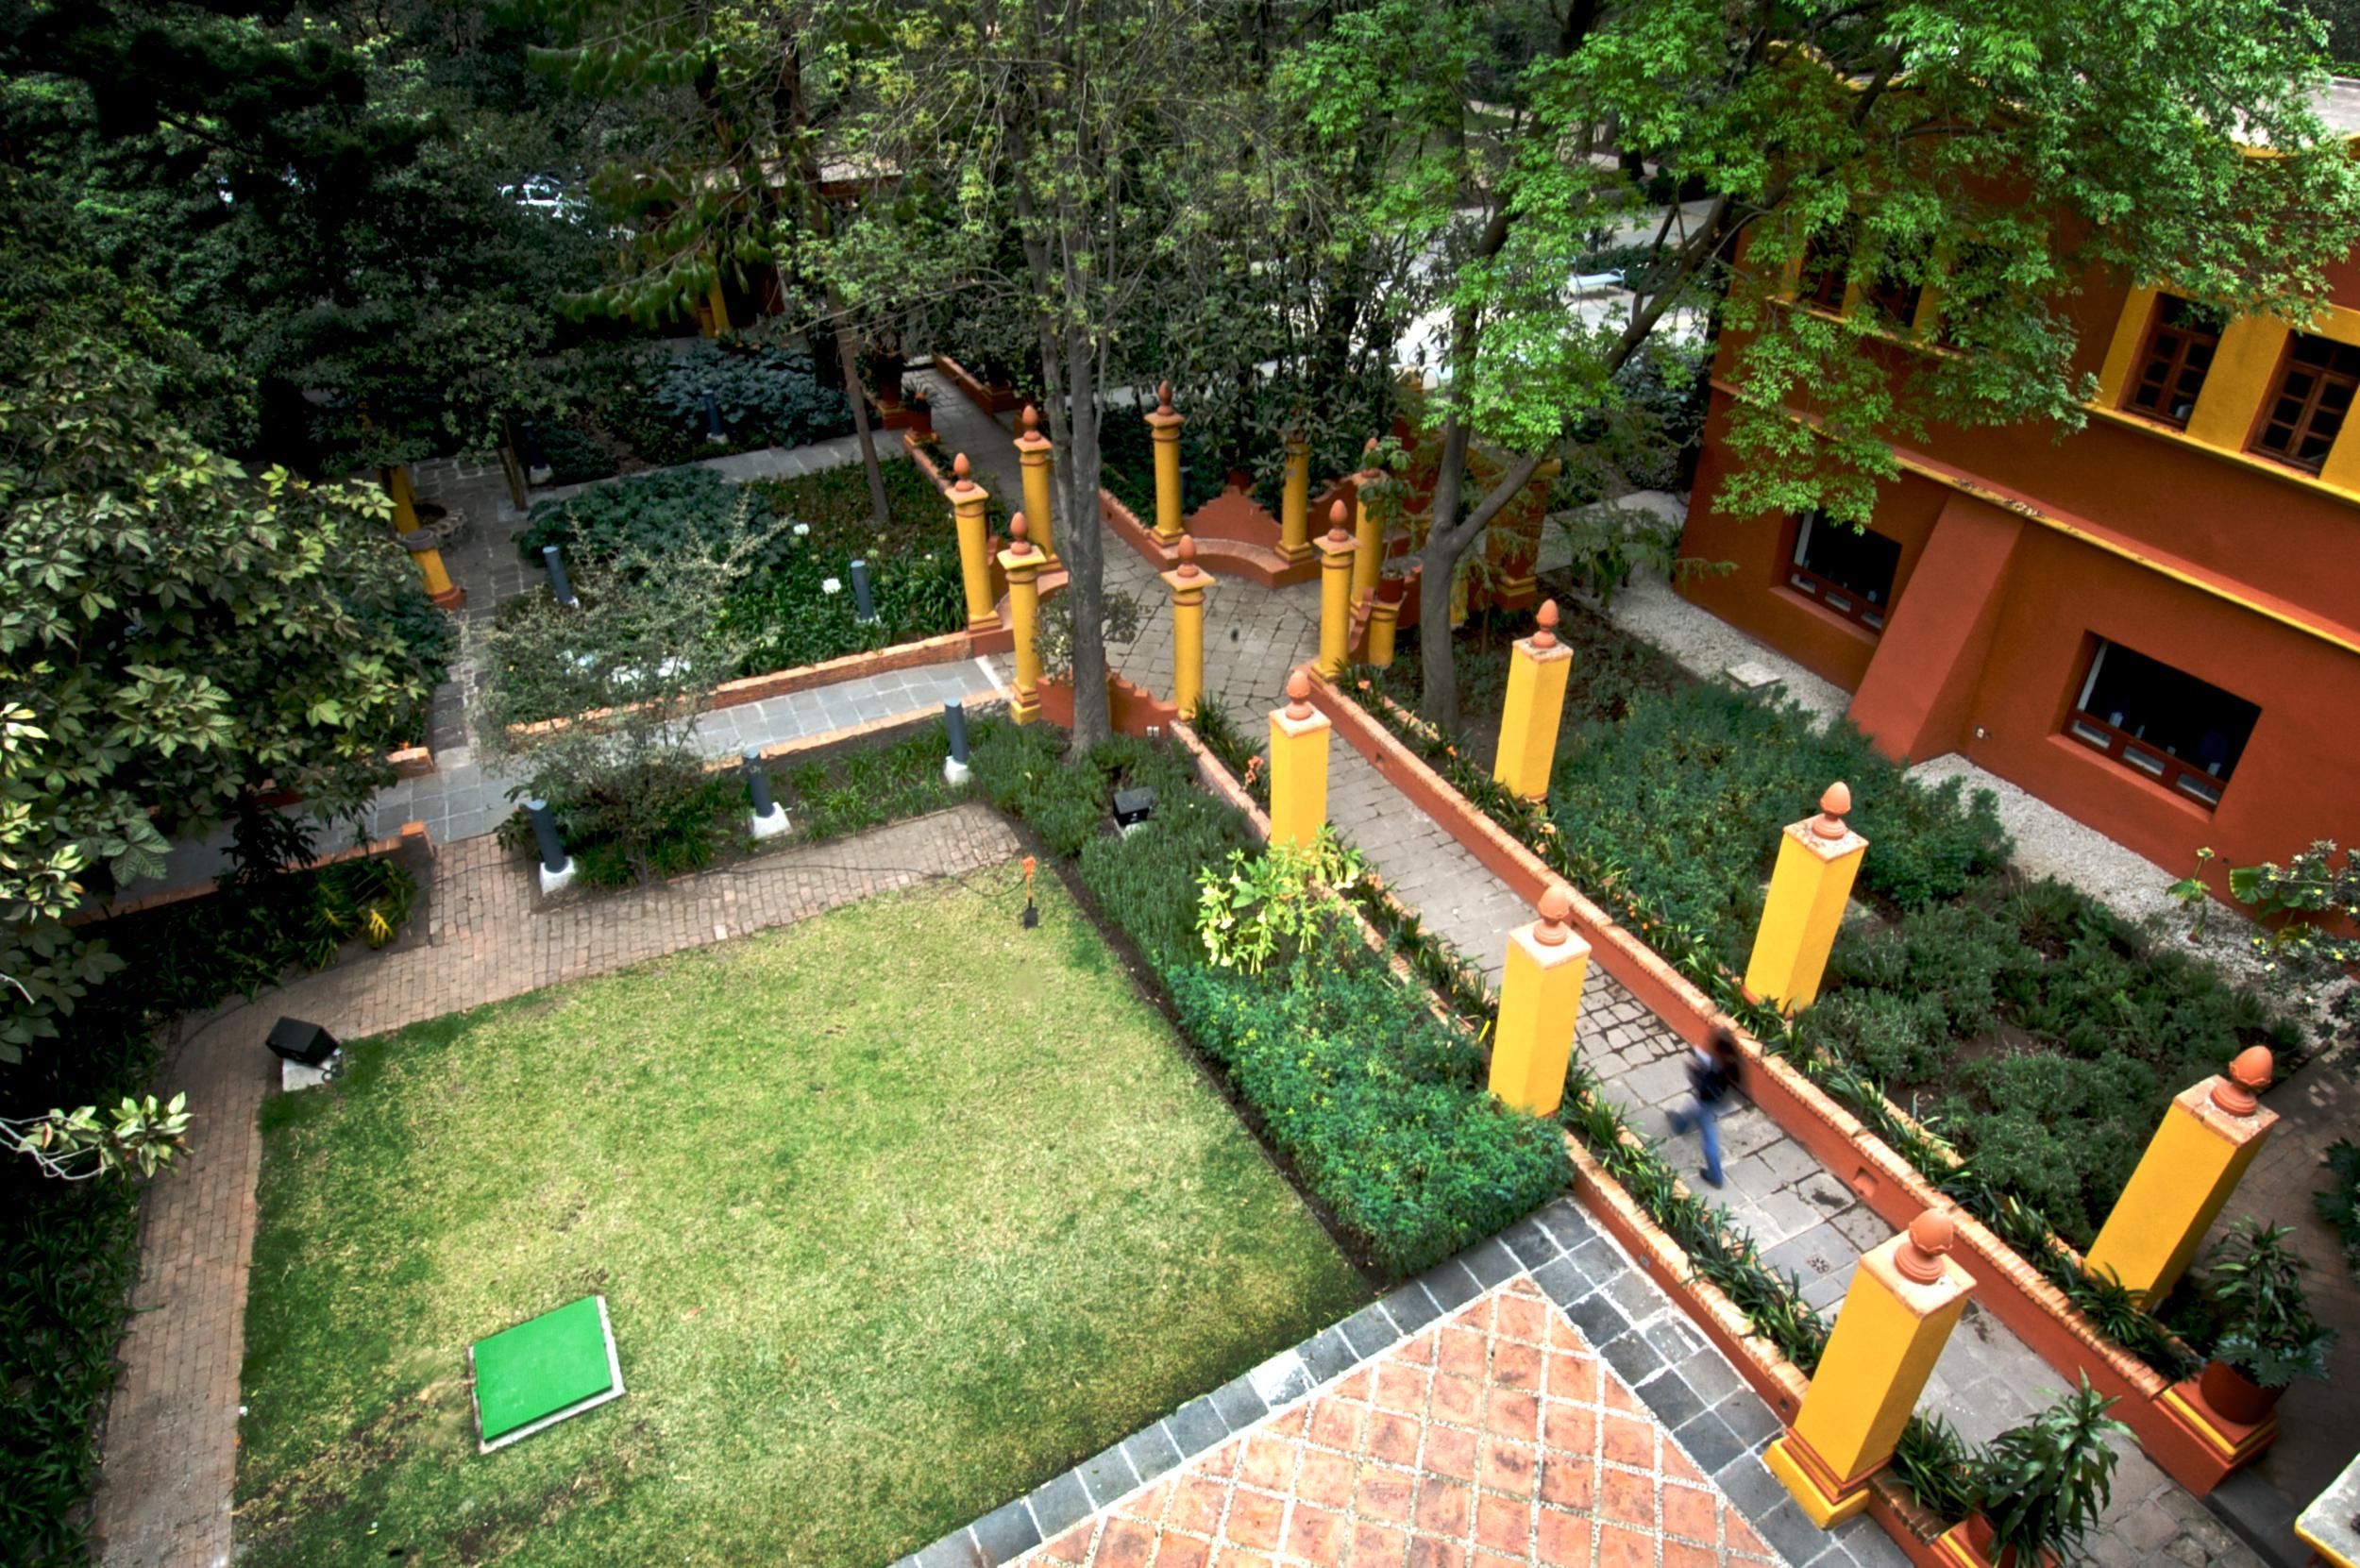 Jardin Fonoteca 2008 3 (1 of 48).png